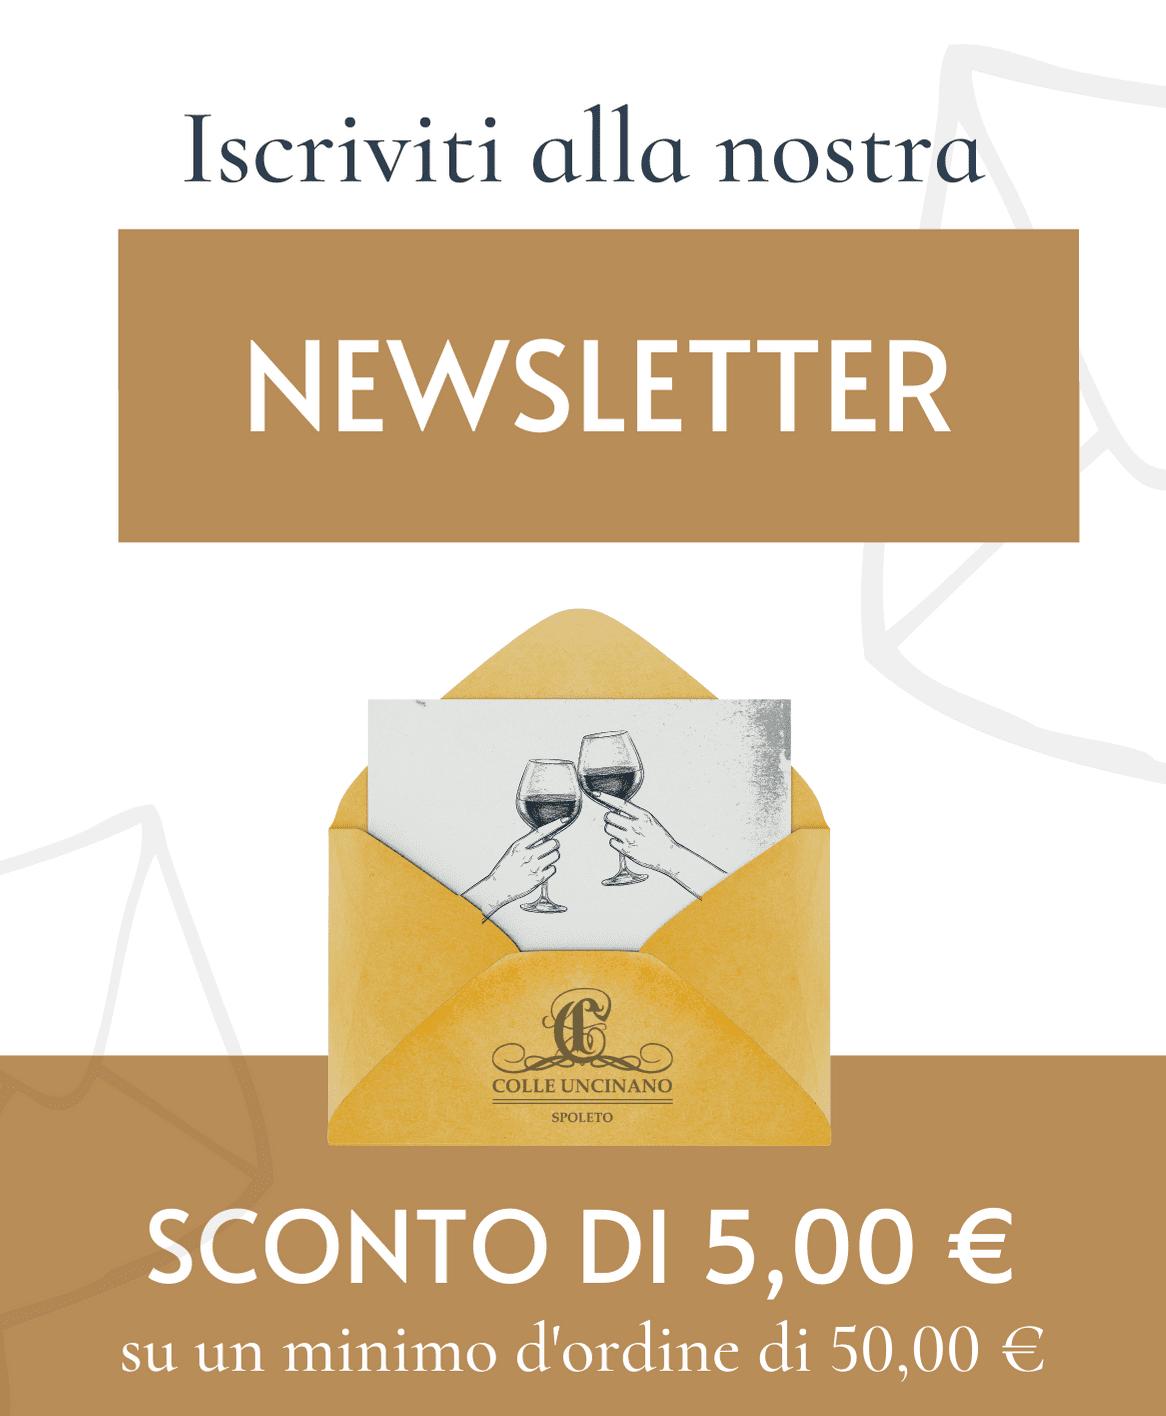 iscriviti alla nostra newsletter, per te subito uno sconto di 5€ su un ordine minimo di 50€